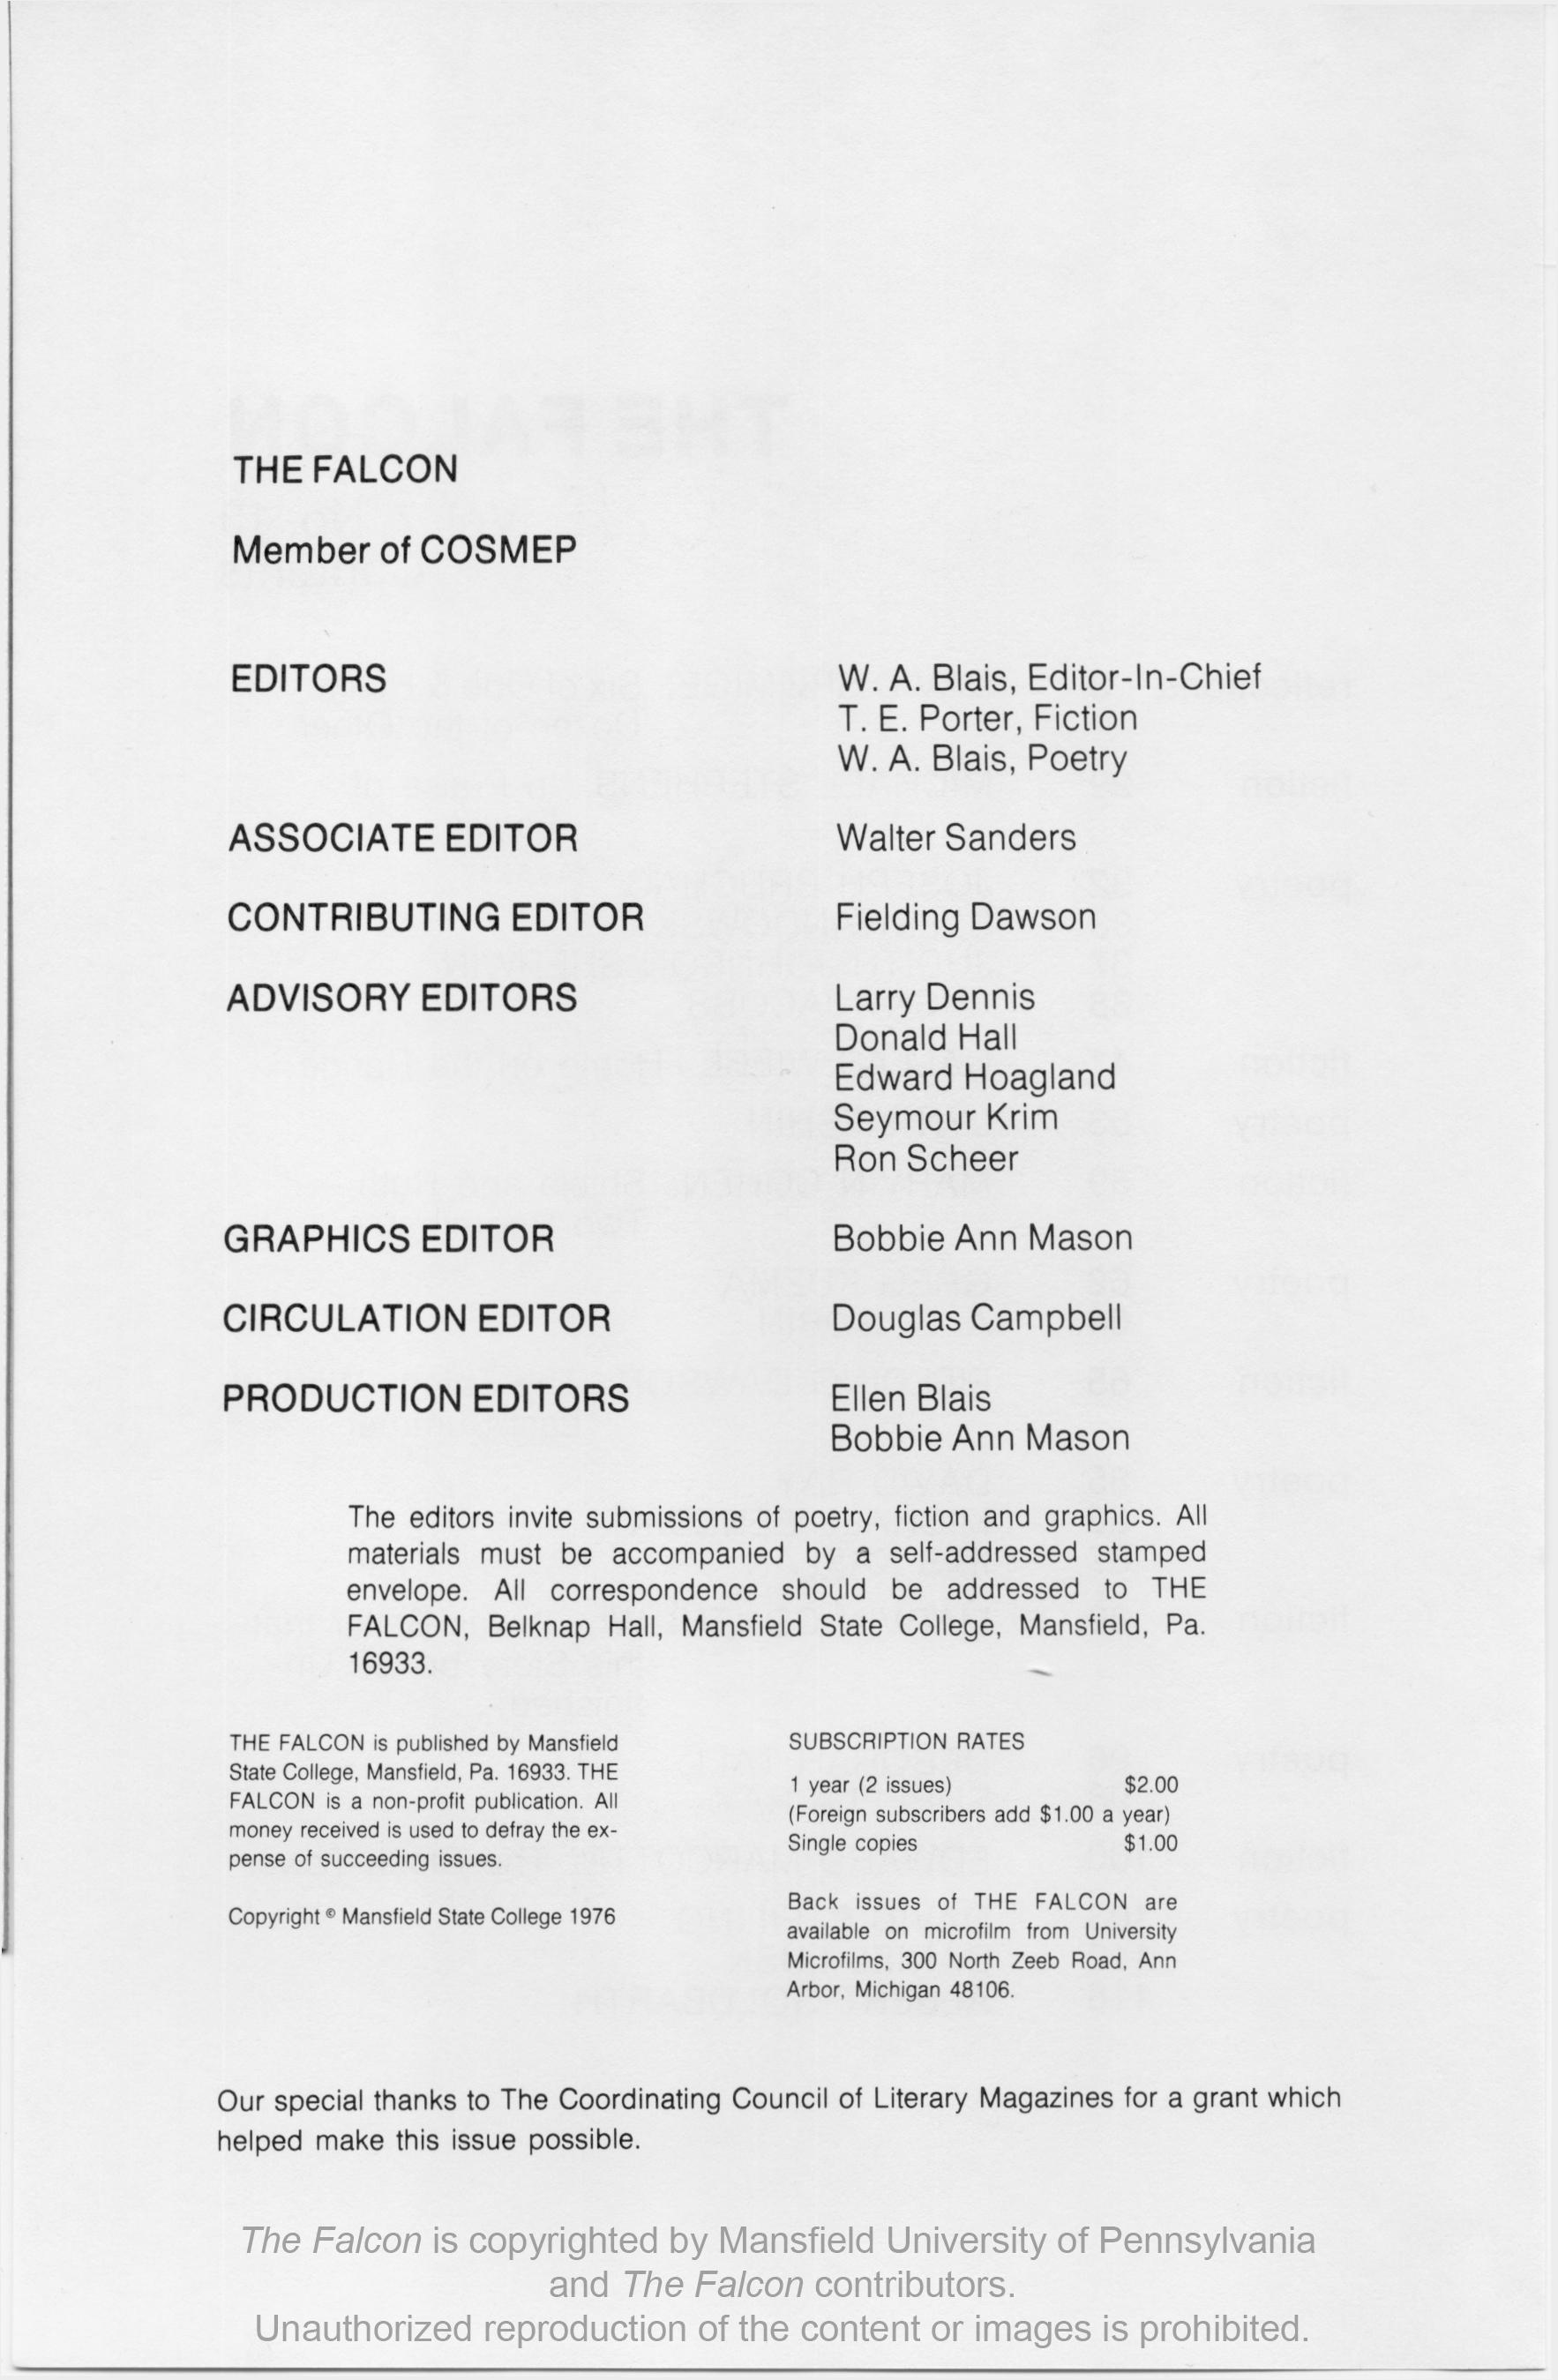 The Falcon Issue 13 The Falcon